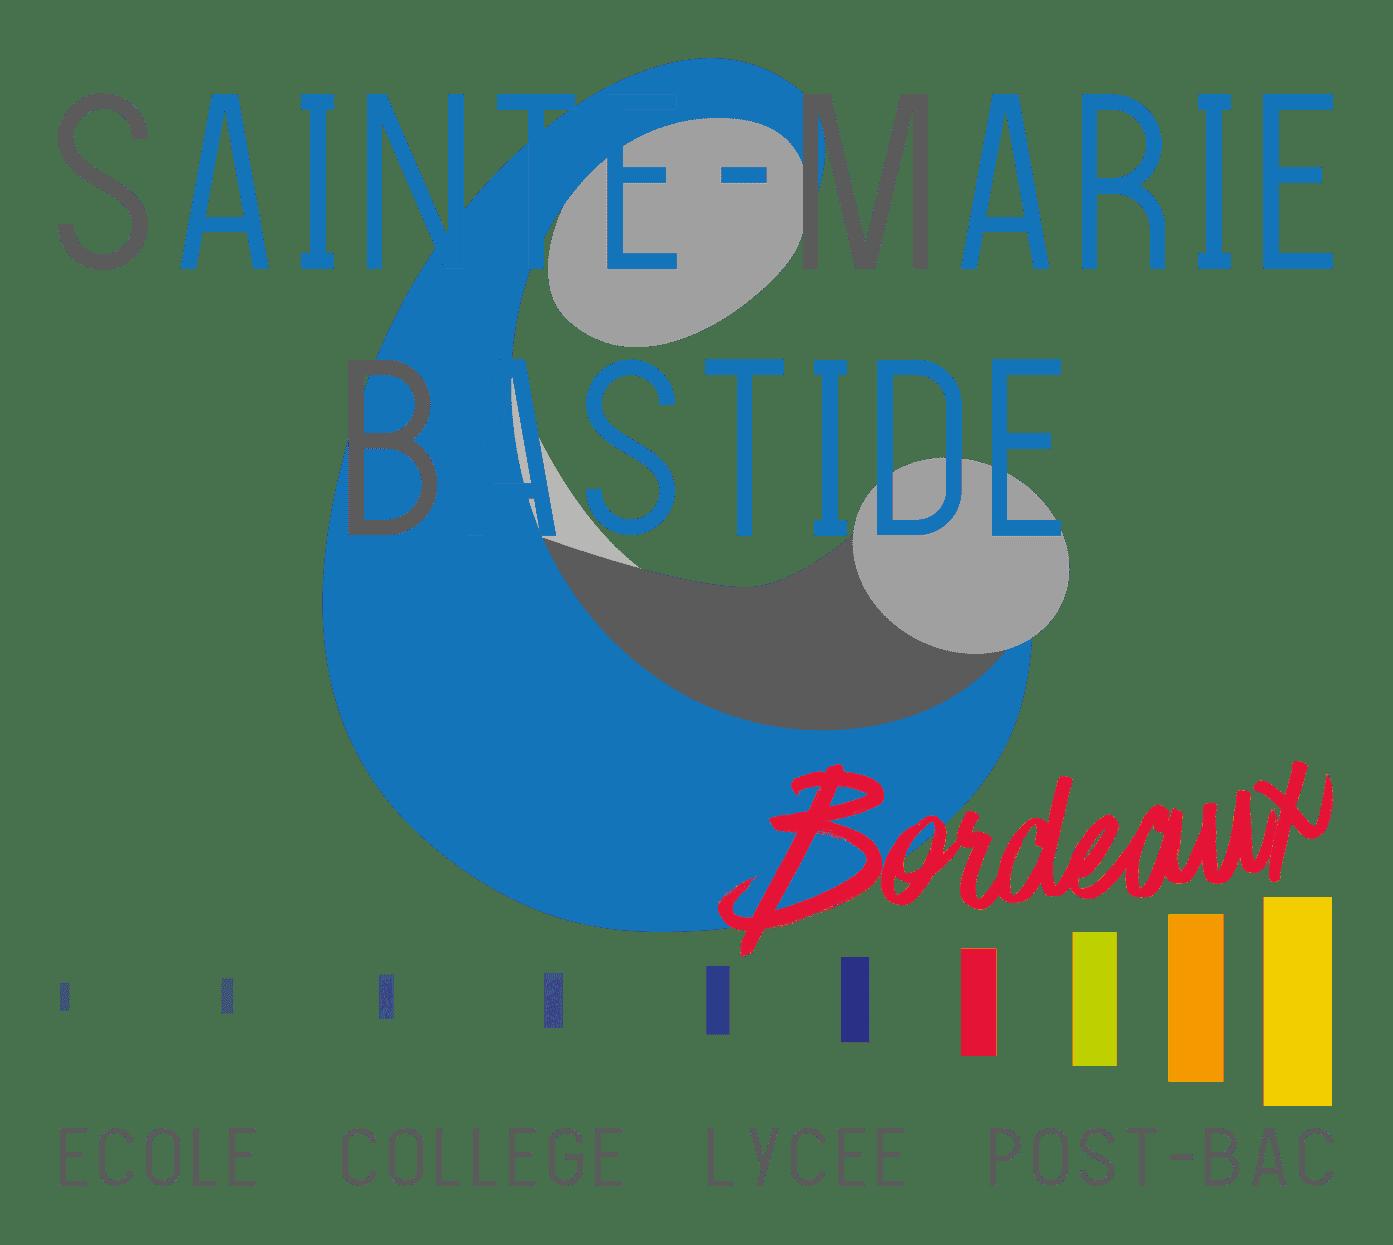 Sainte-Marie-Bastide-Bordeaux